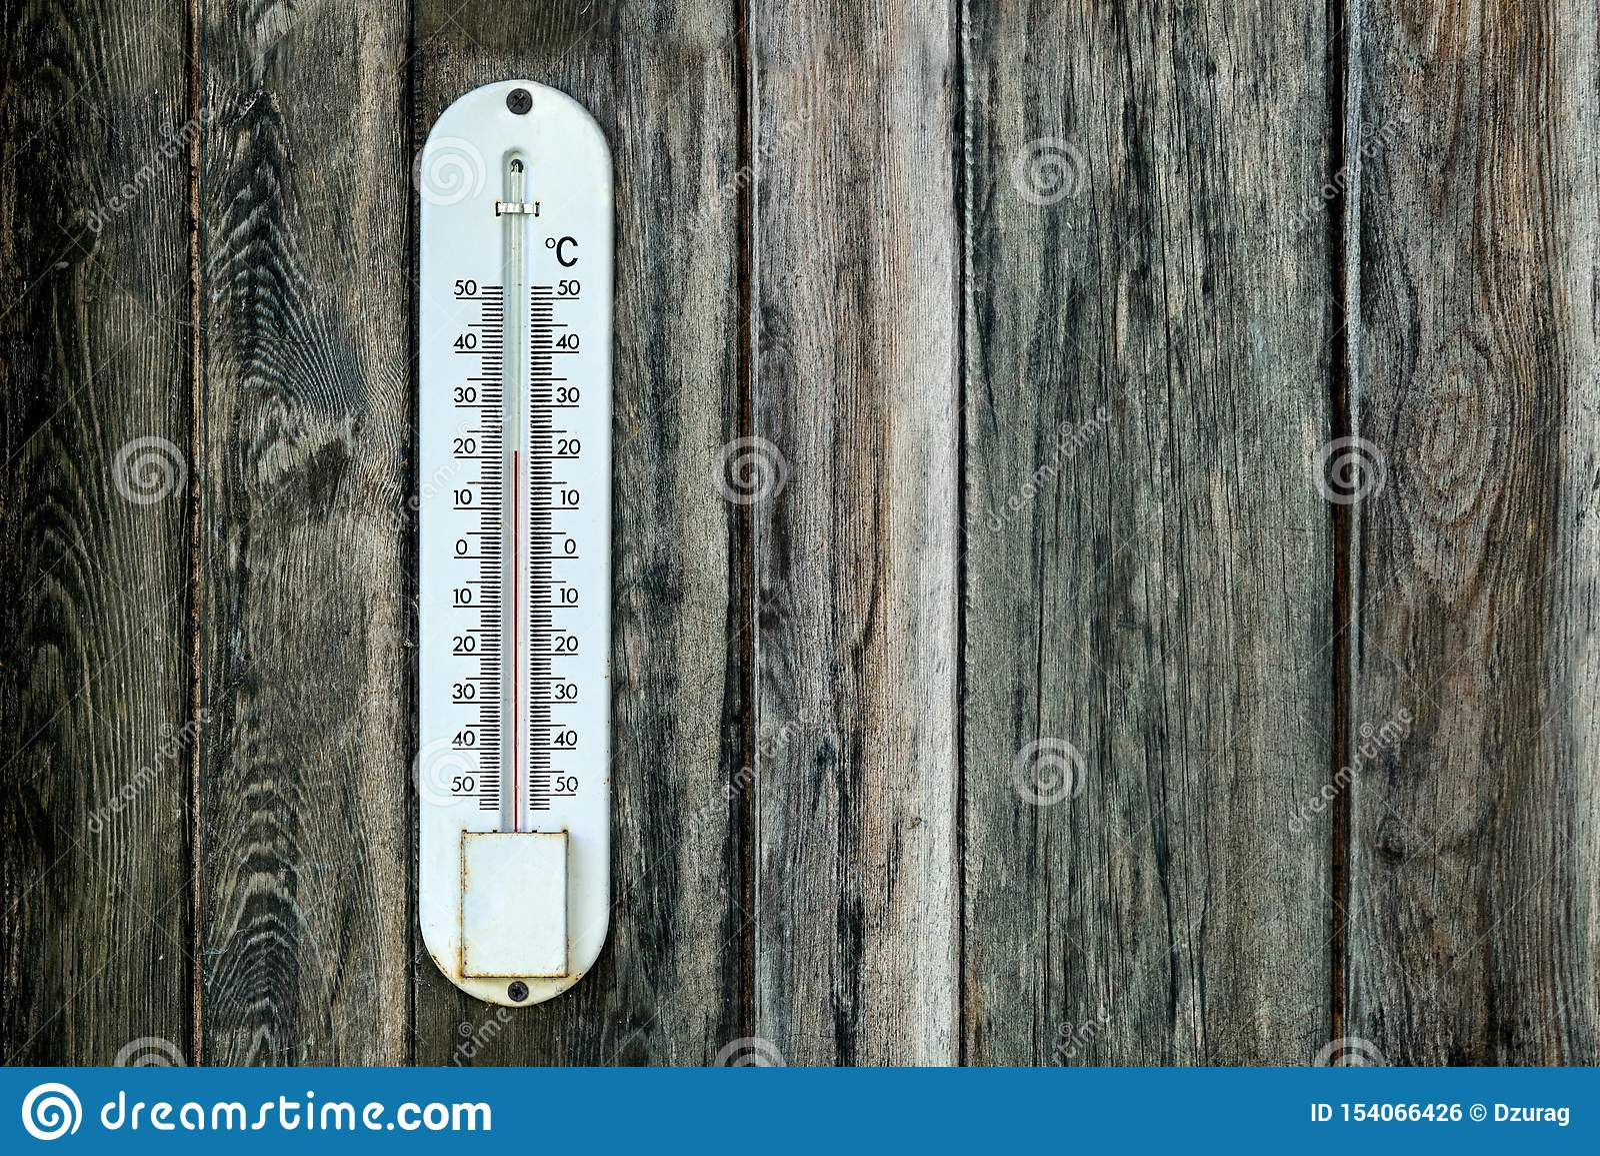 238 Gammal Termometer Foton Gratis och royaltyfria